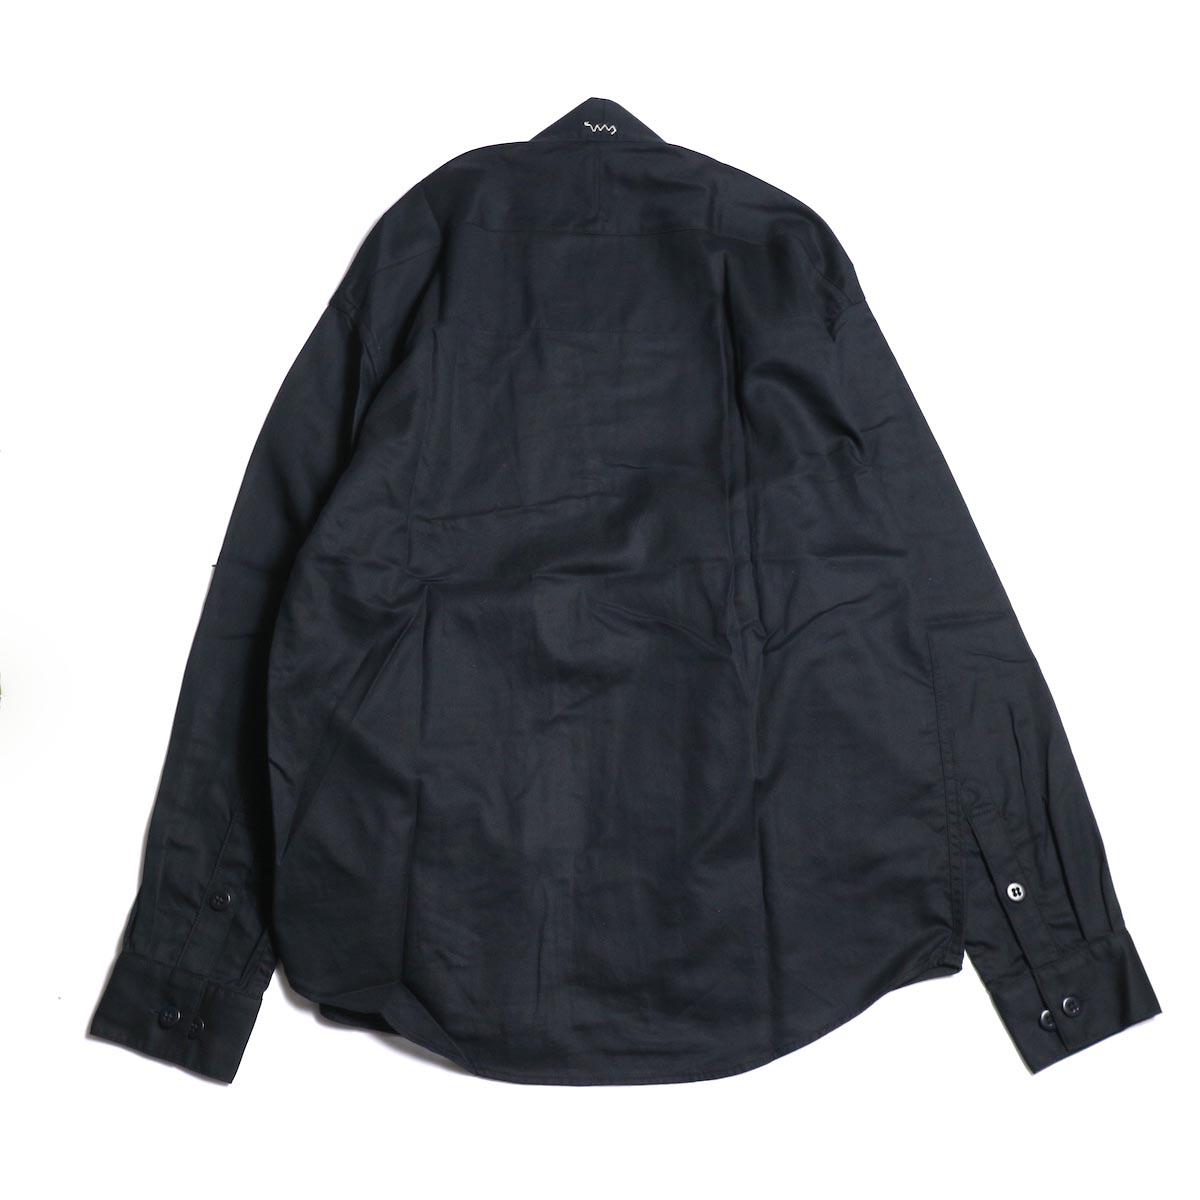 visvim / LHAMO SHIRT (BLACK) 背面